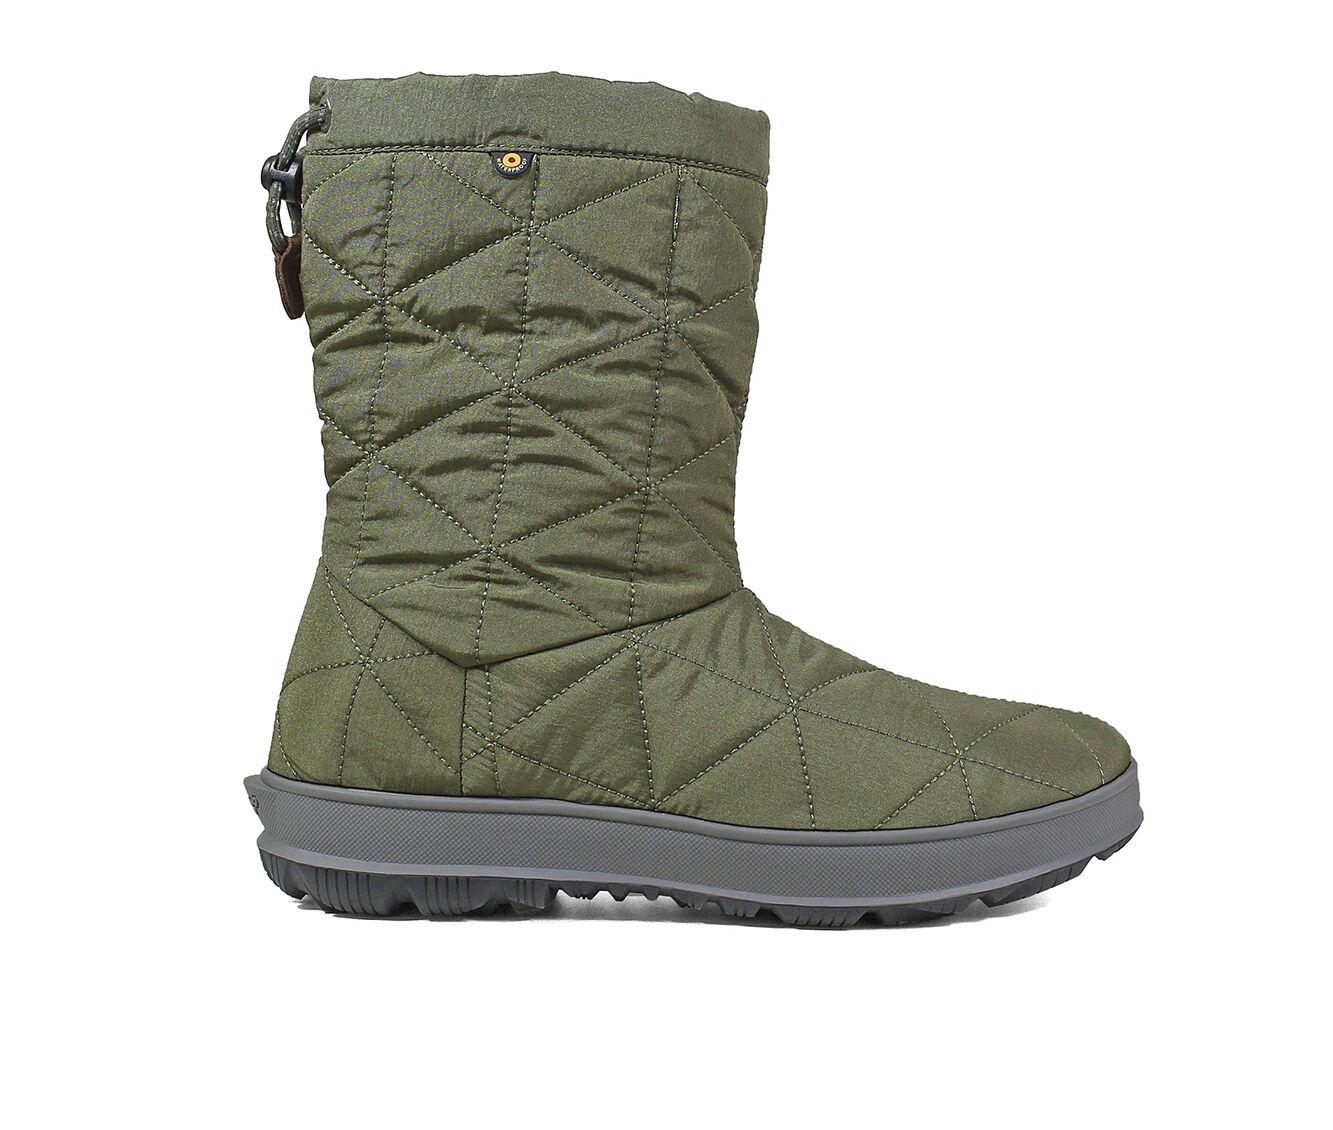 Women's Bogs Footwear Snowday Mid